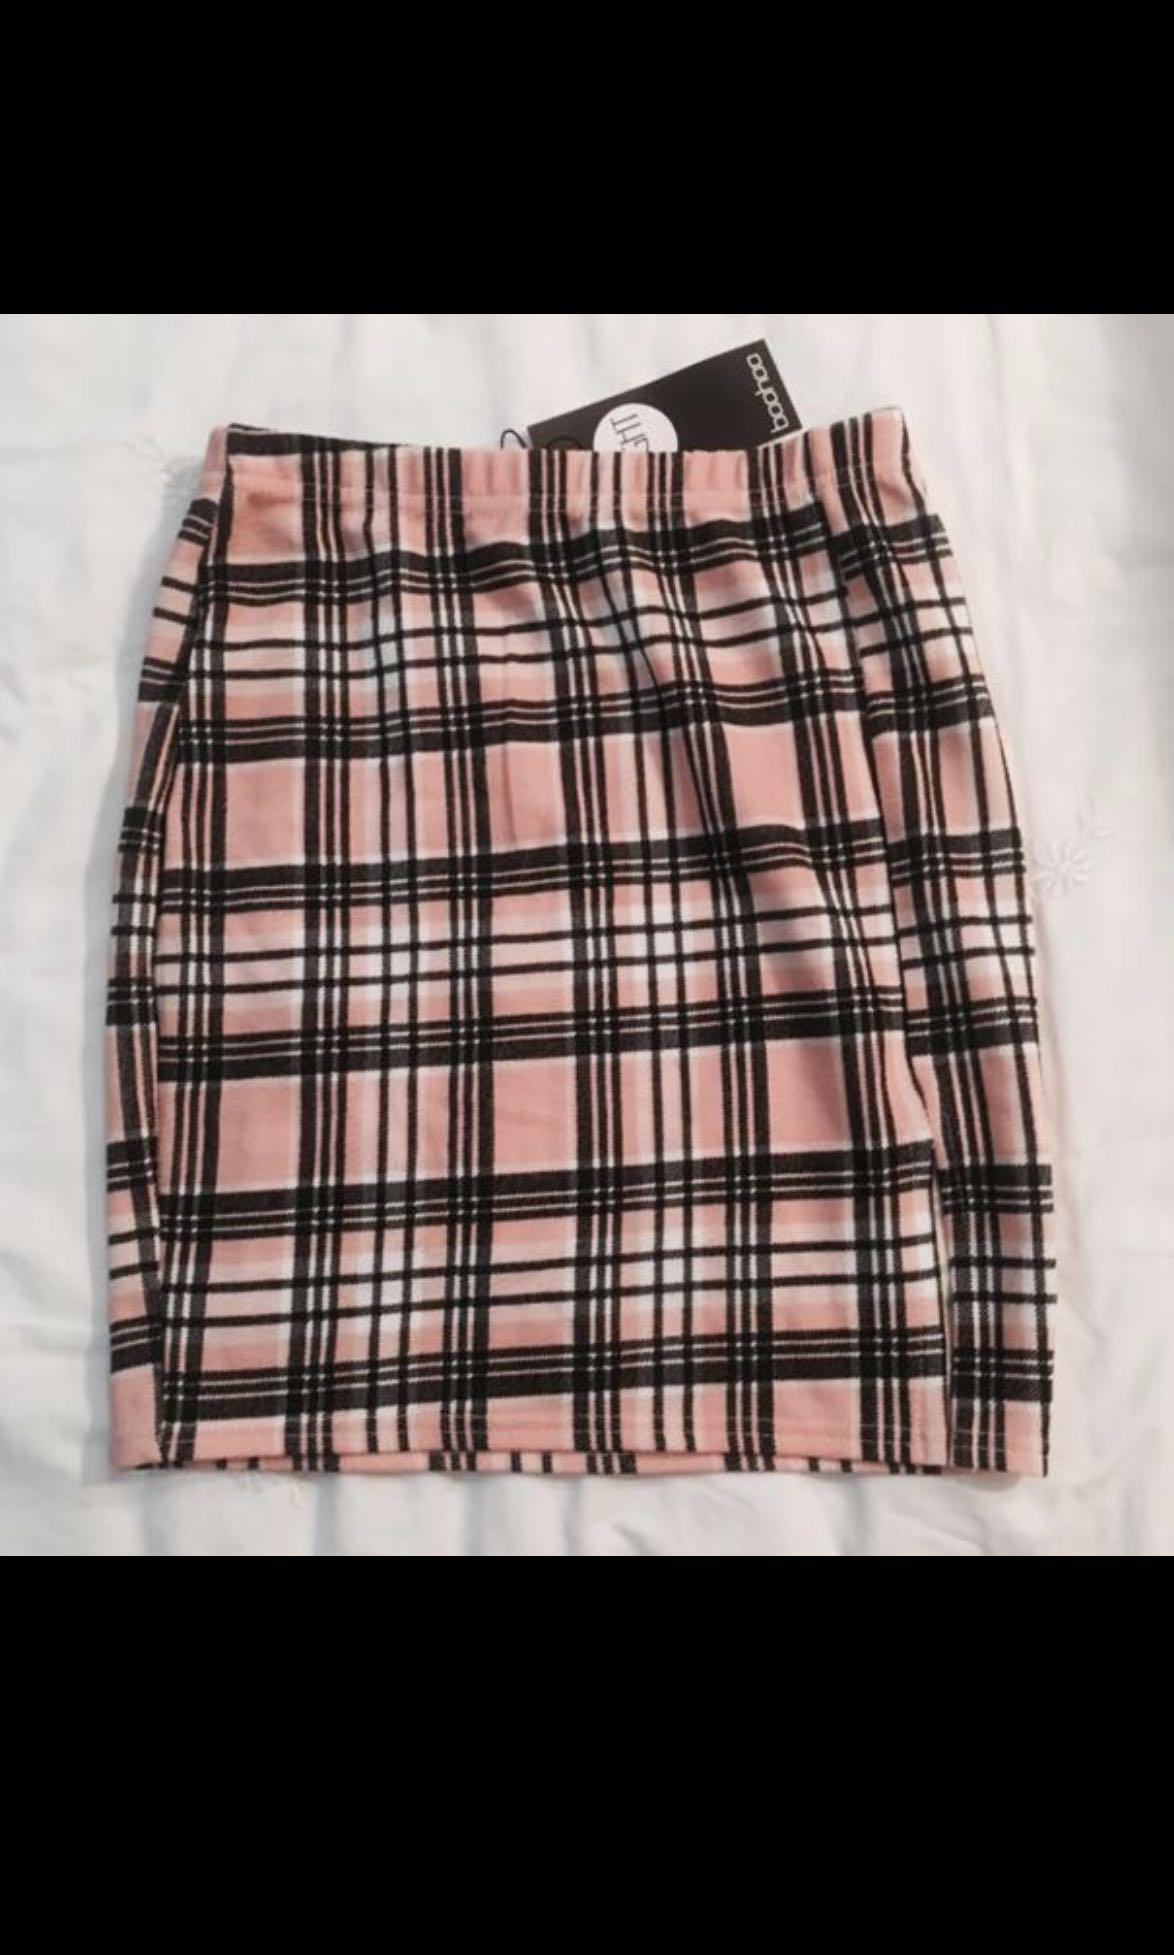 8e831222a3 Boohoo pink checkered bodycon skirt, Women's Fashion, Clothes ...